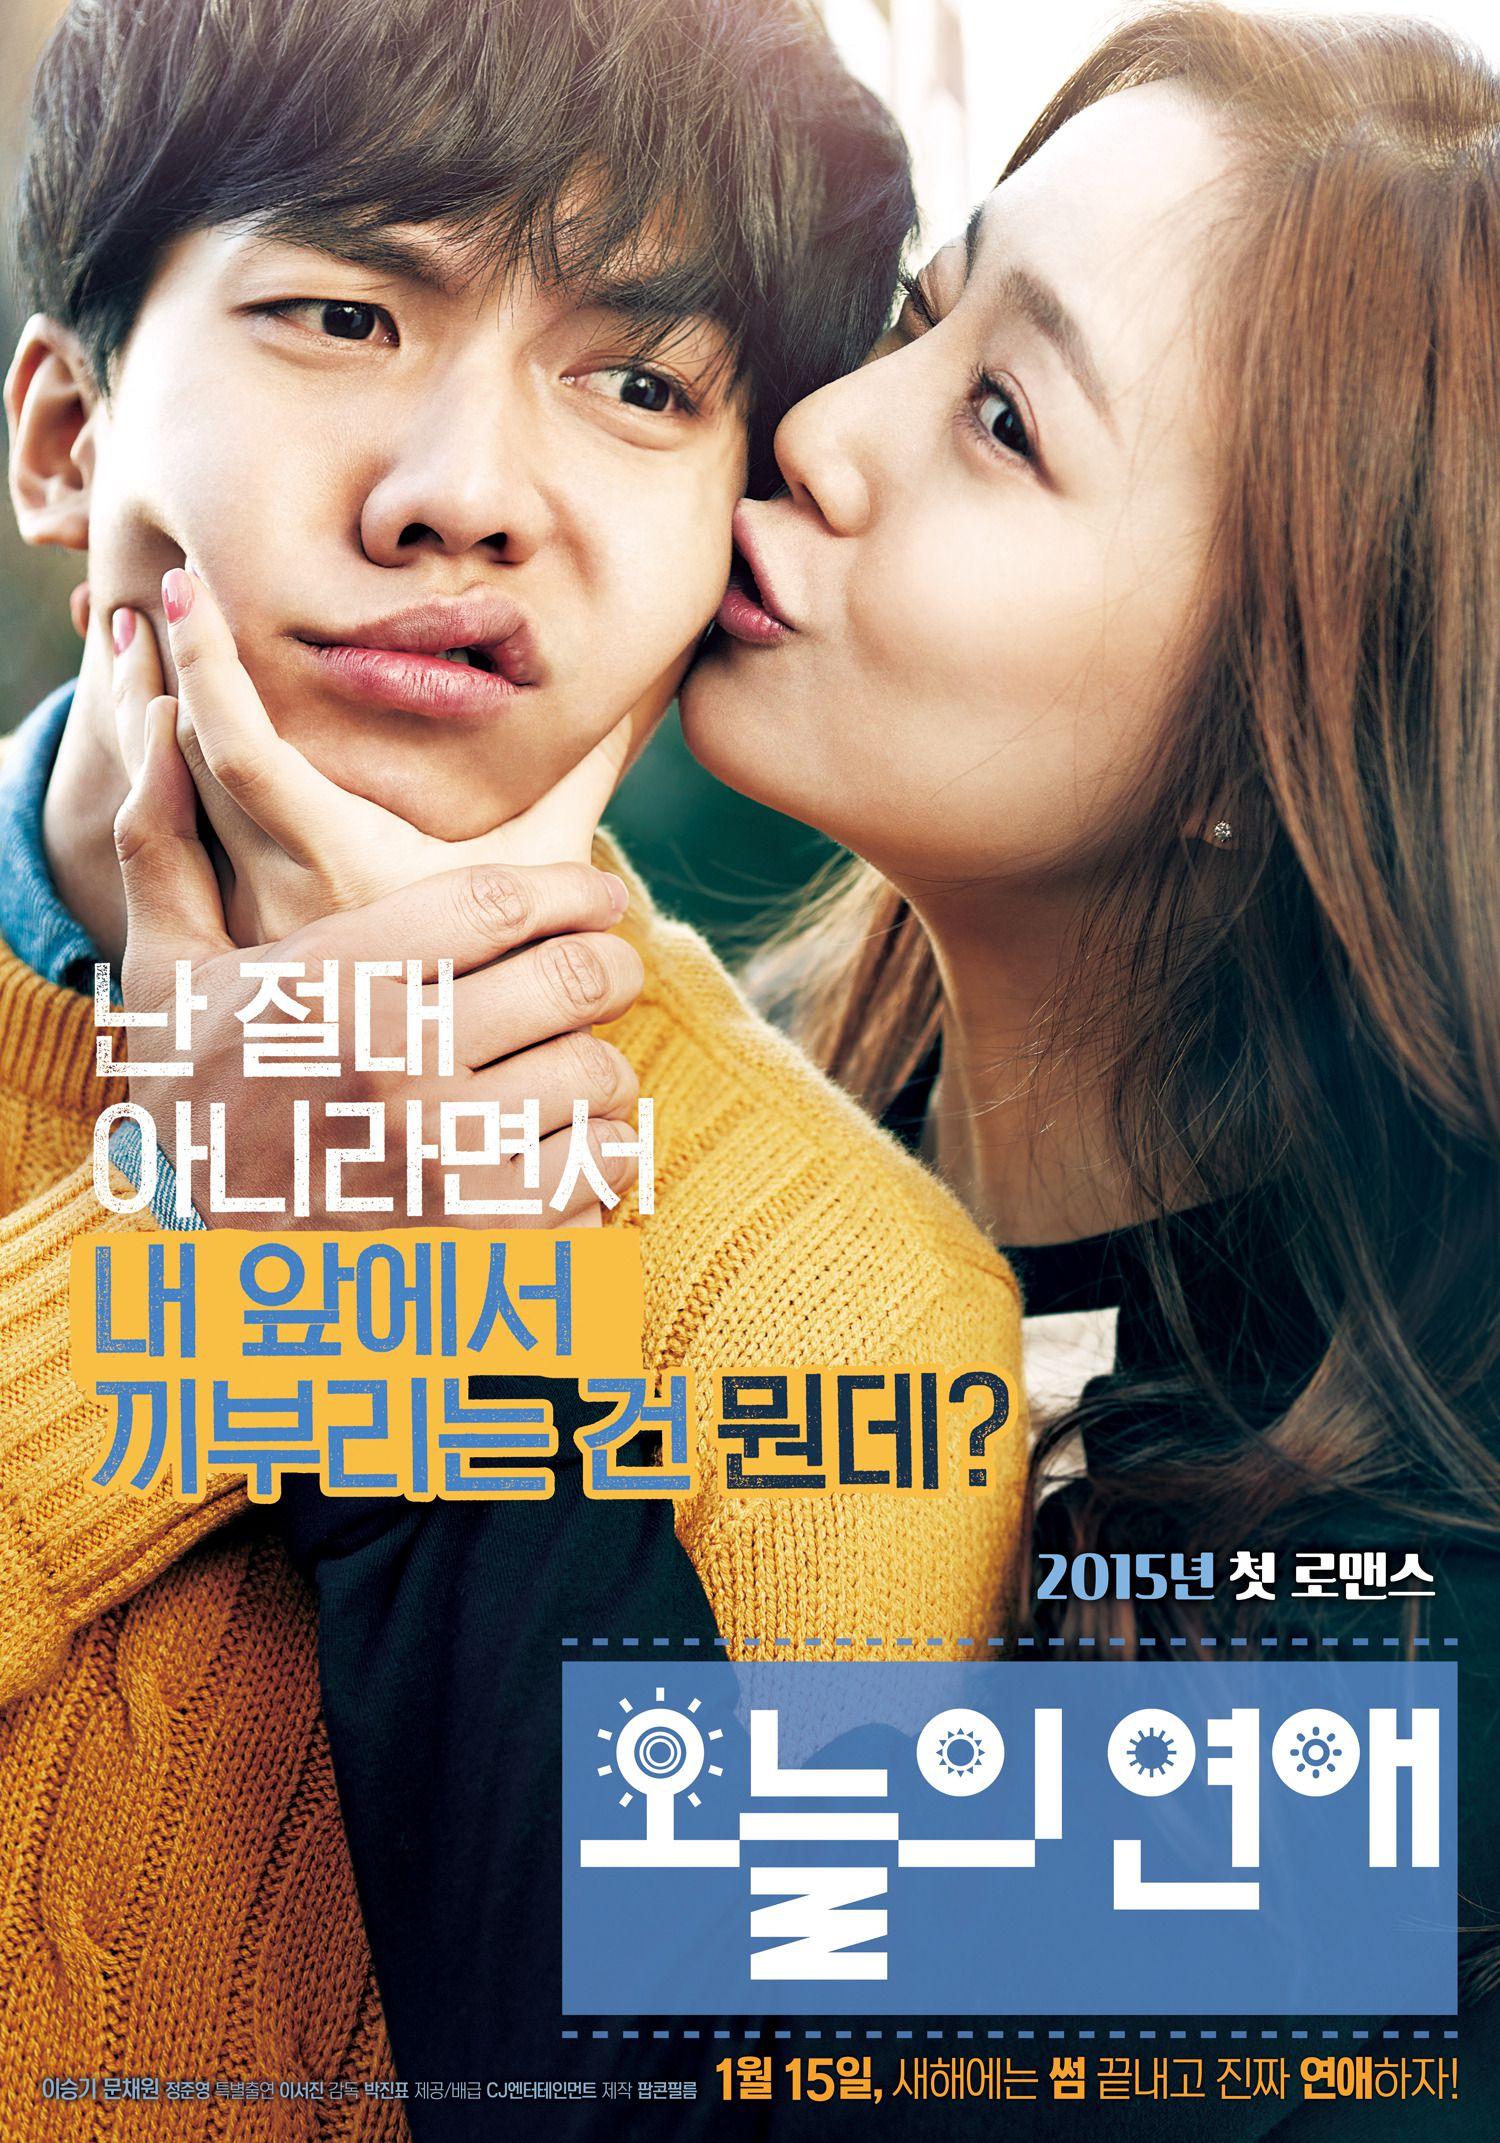 الفيلم الكوري love Forecast 2014 مترجم أونلاين